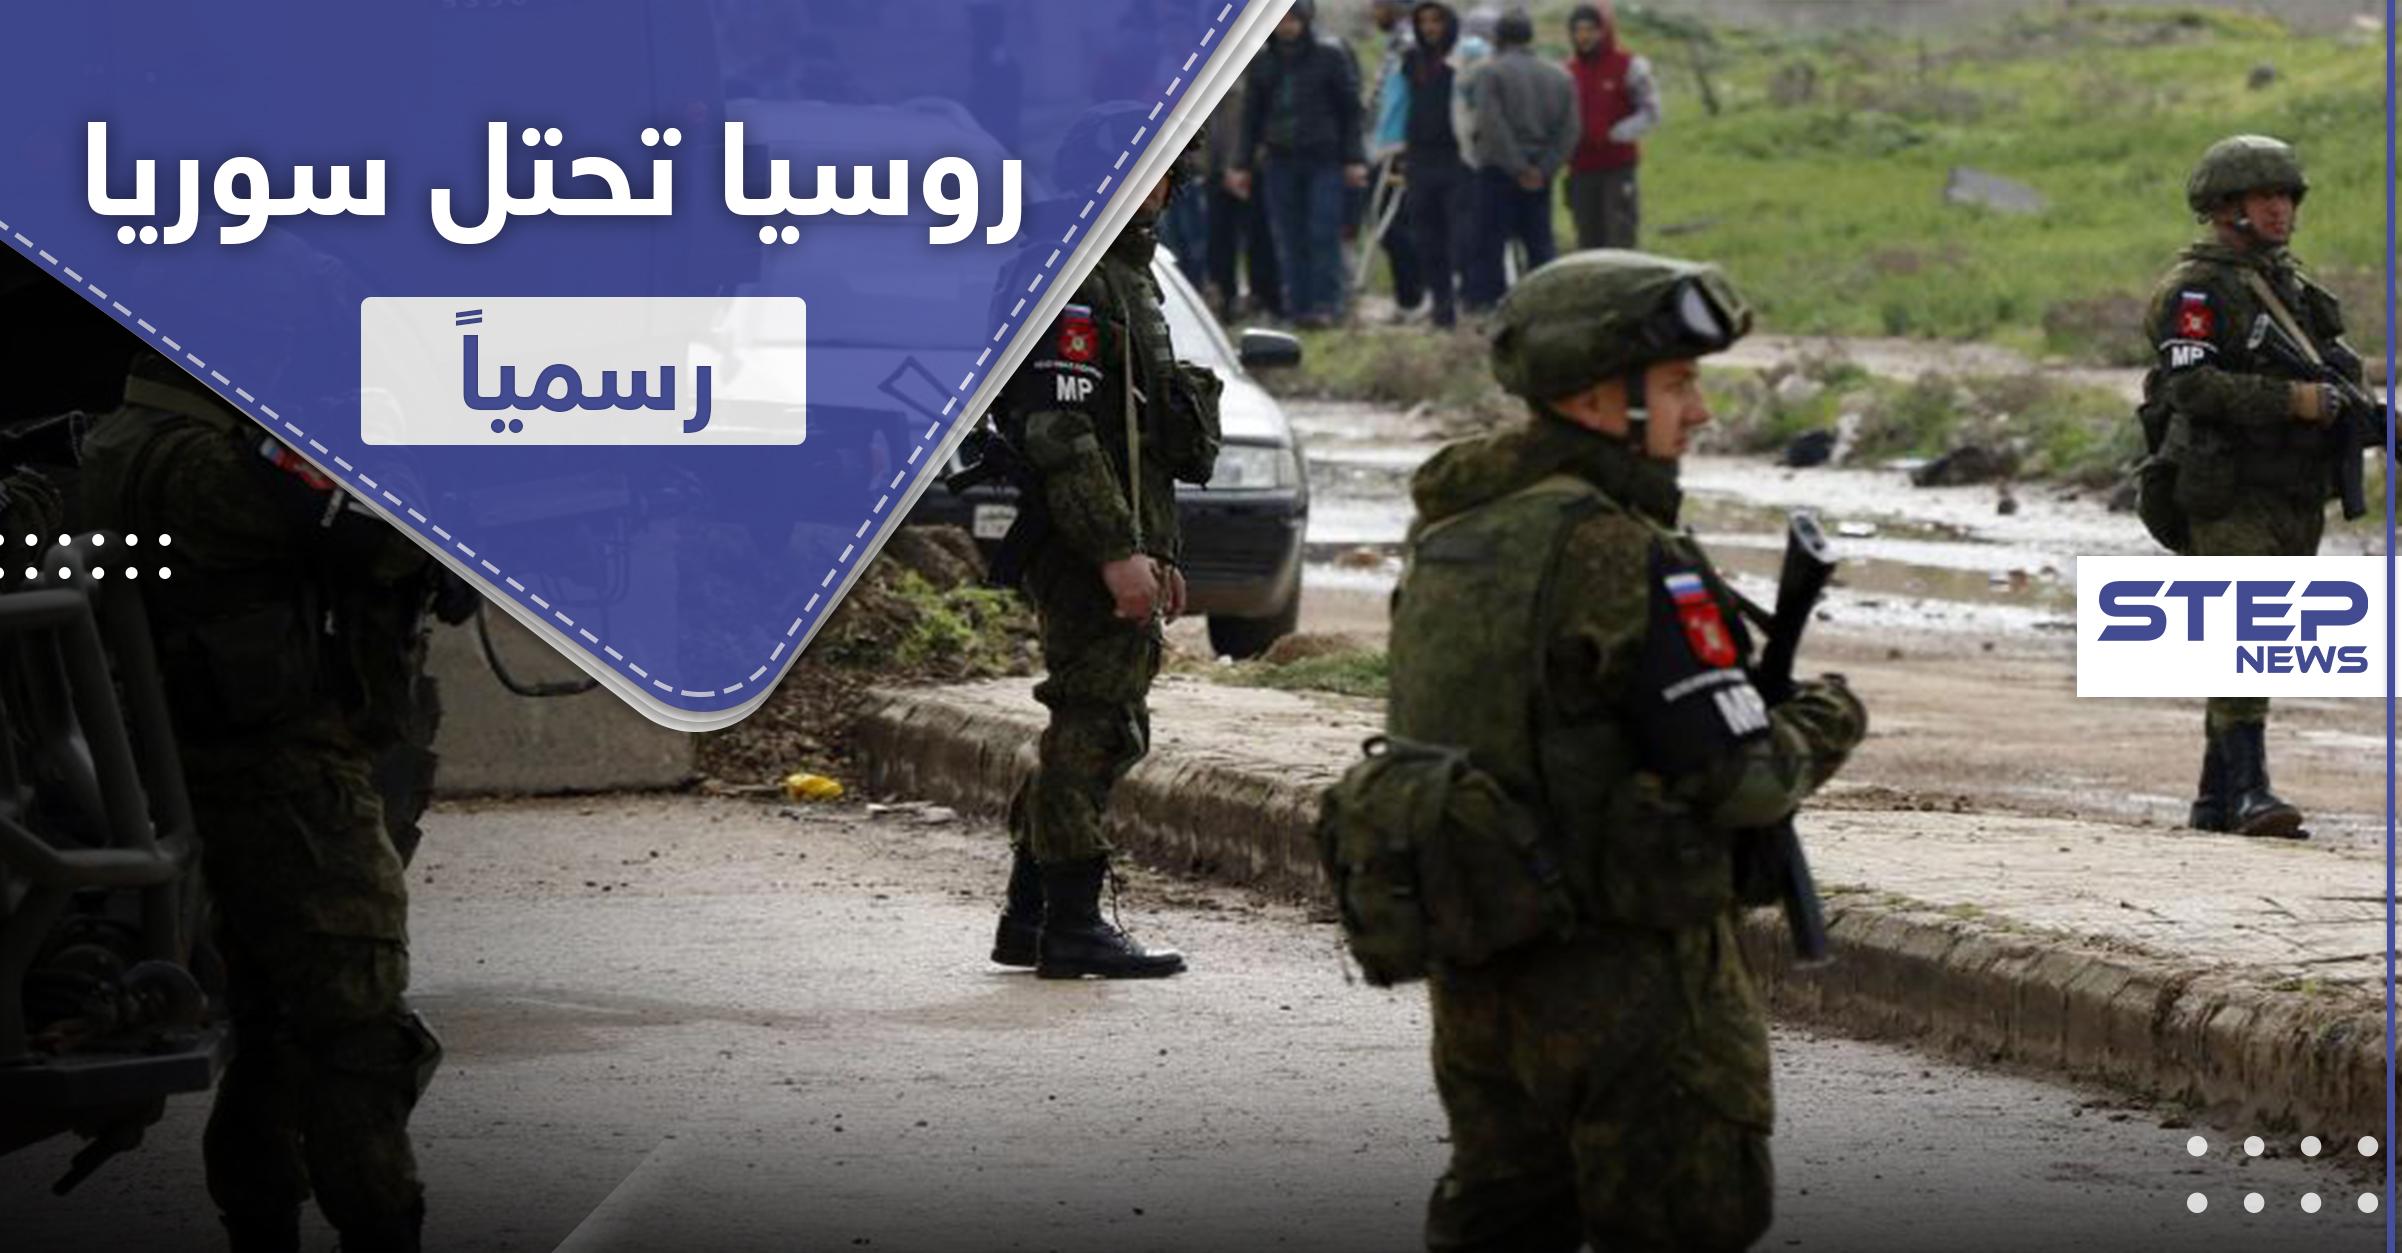 فراس طلاس يكشف رؤيا الدولة العميقة لمصير الأسد.. ونوايا روسيا من تملّك 36 موقعاً سورياً